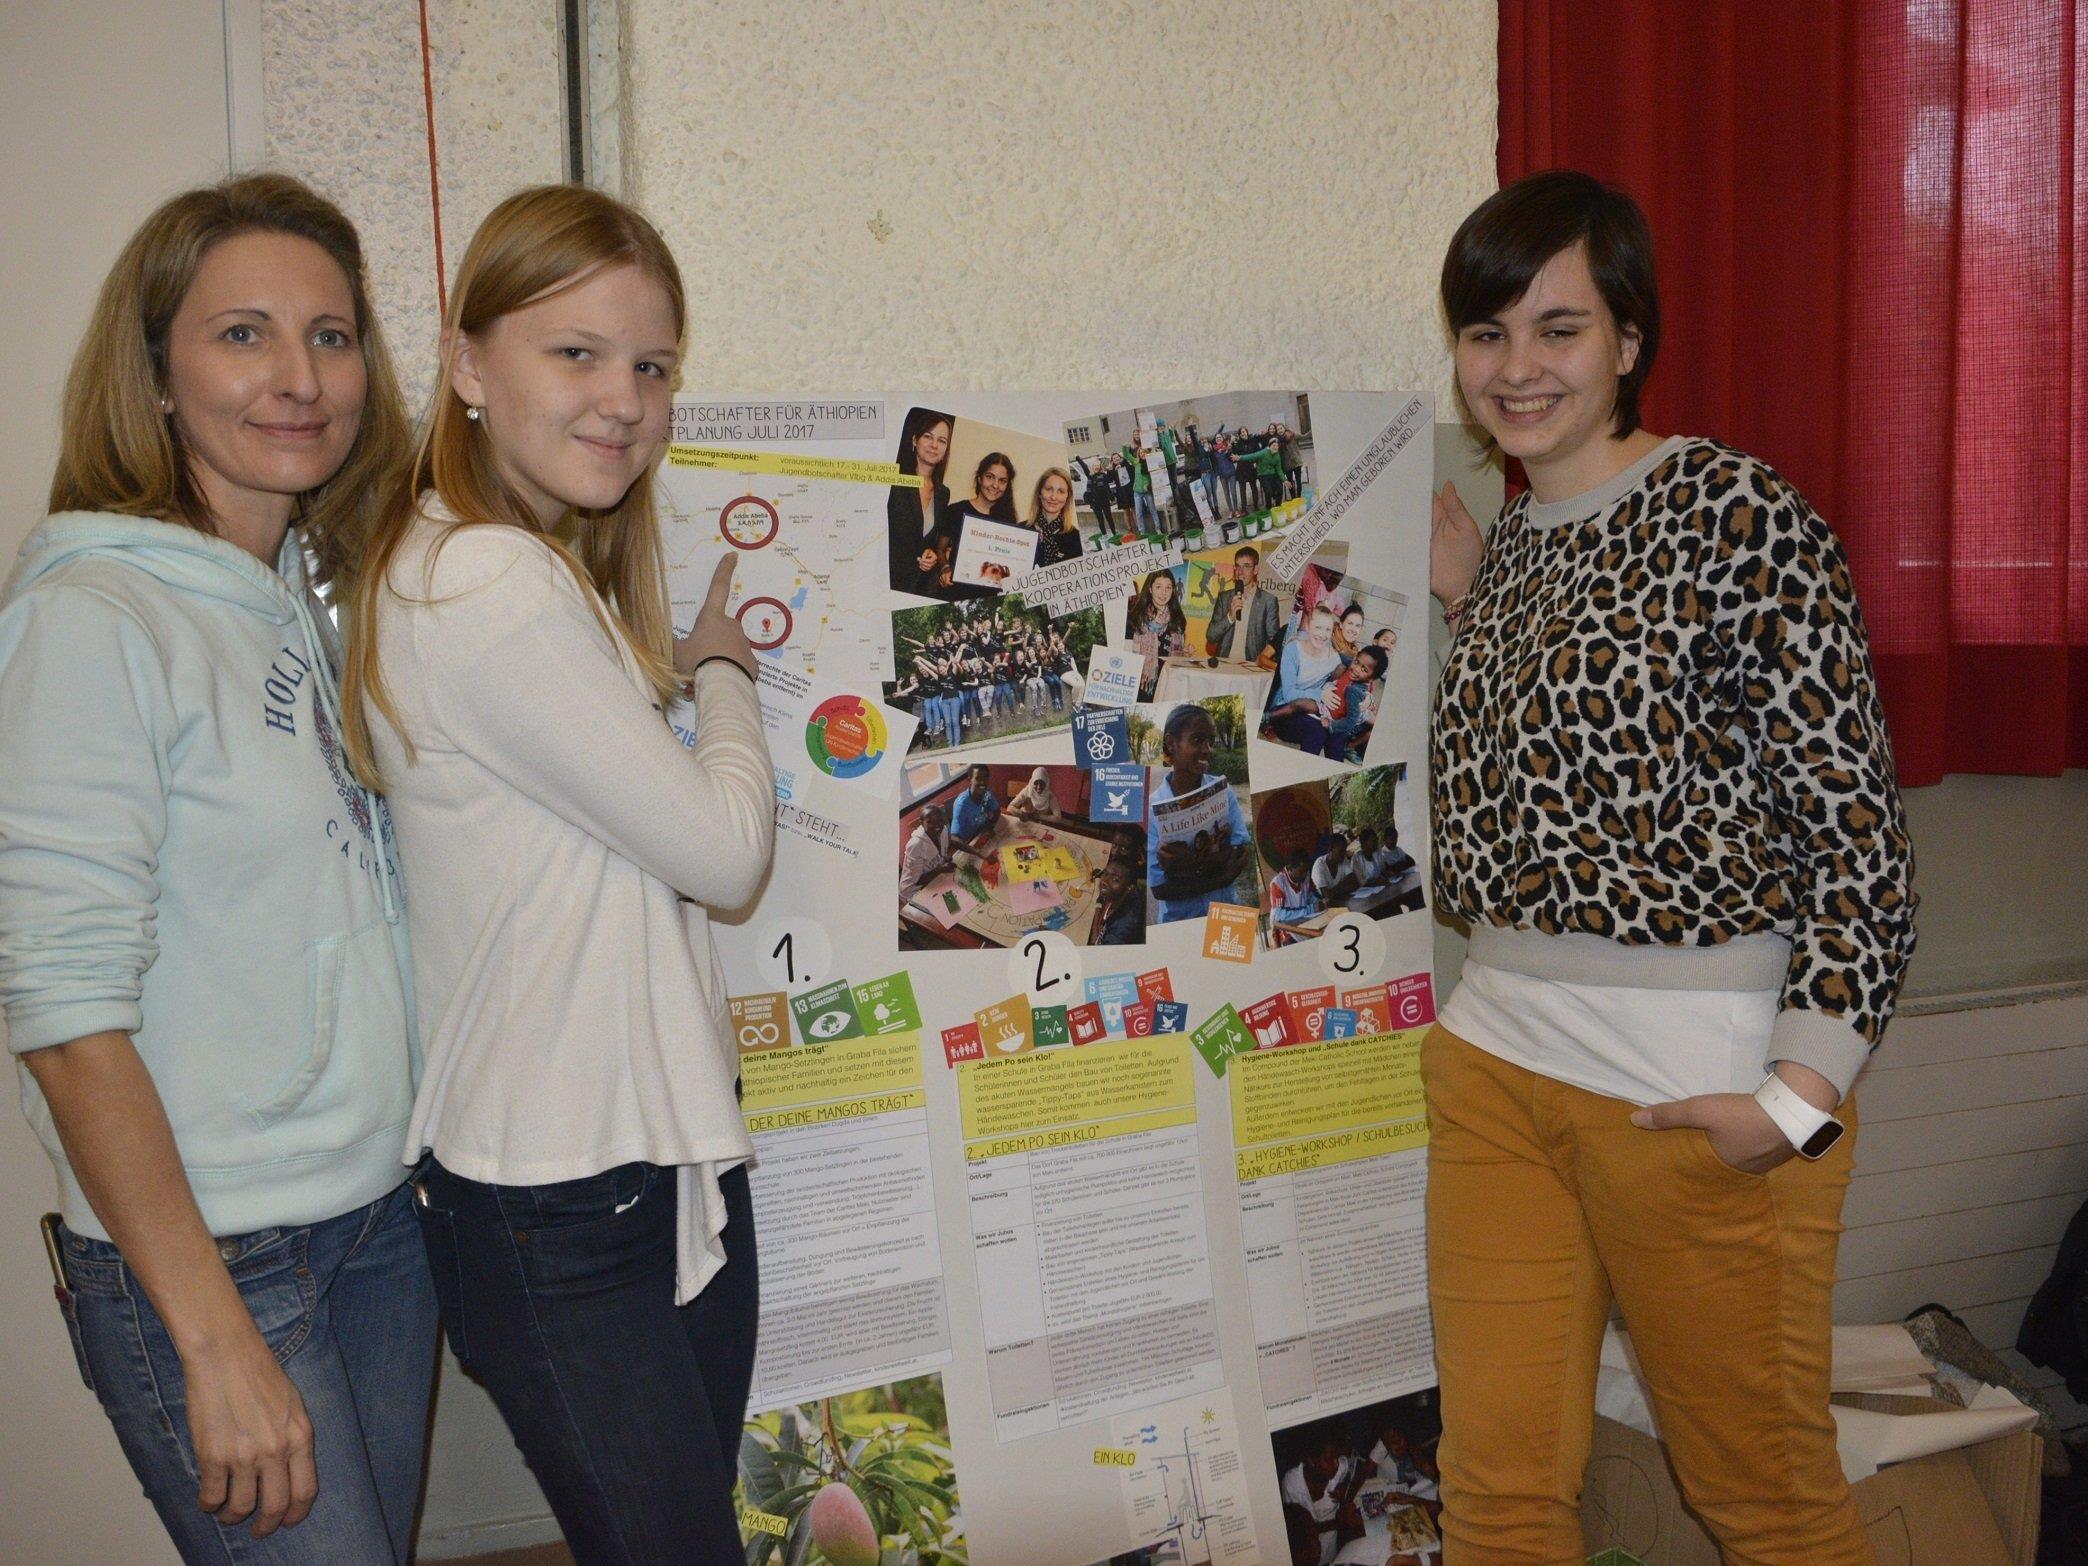 Auf Nikolaus- und Weihnachtsmärkten stellen die Jugendbotschafterinnen das Projekt vor.